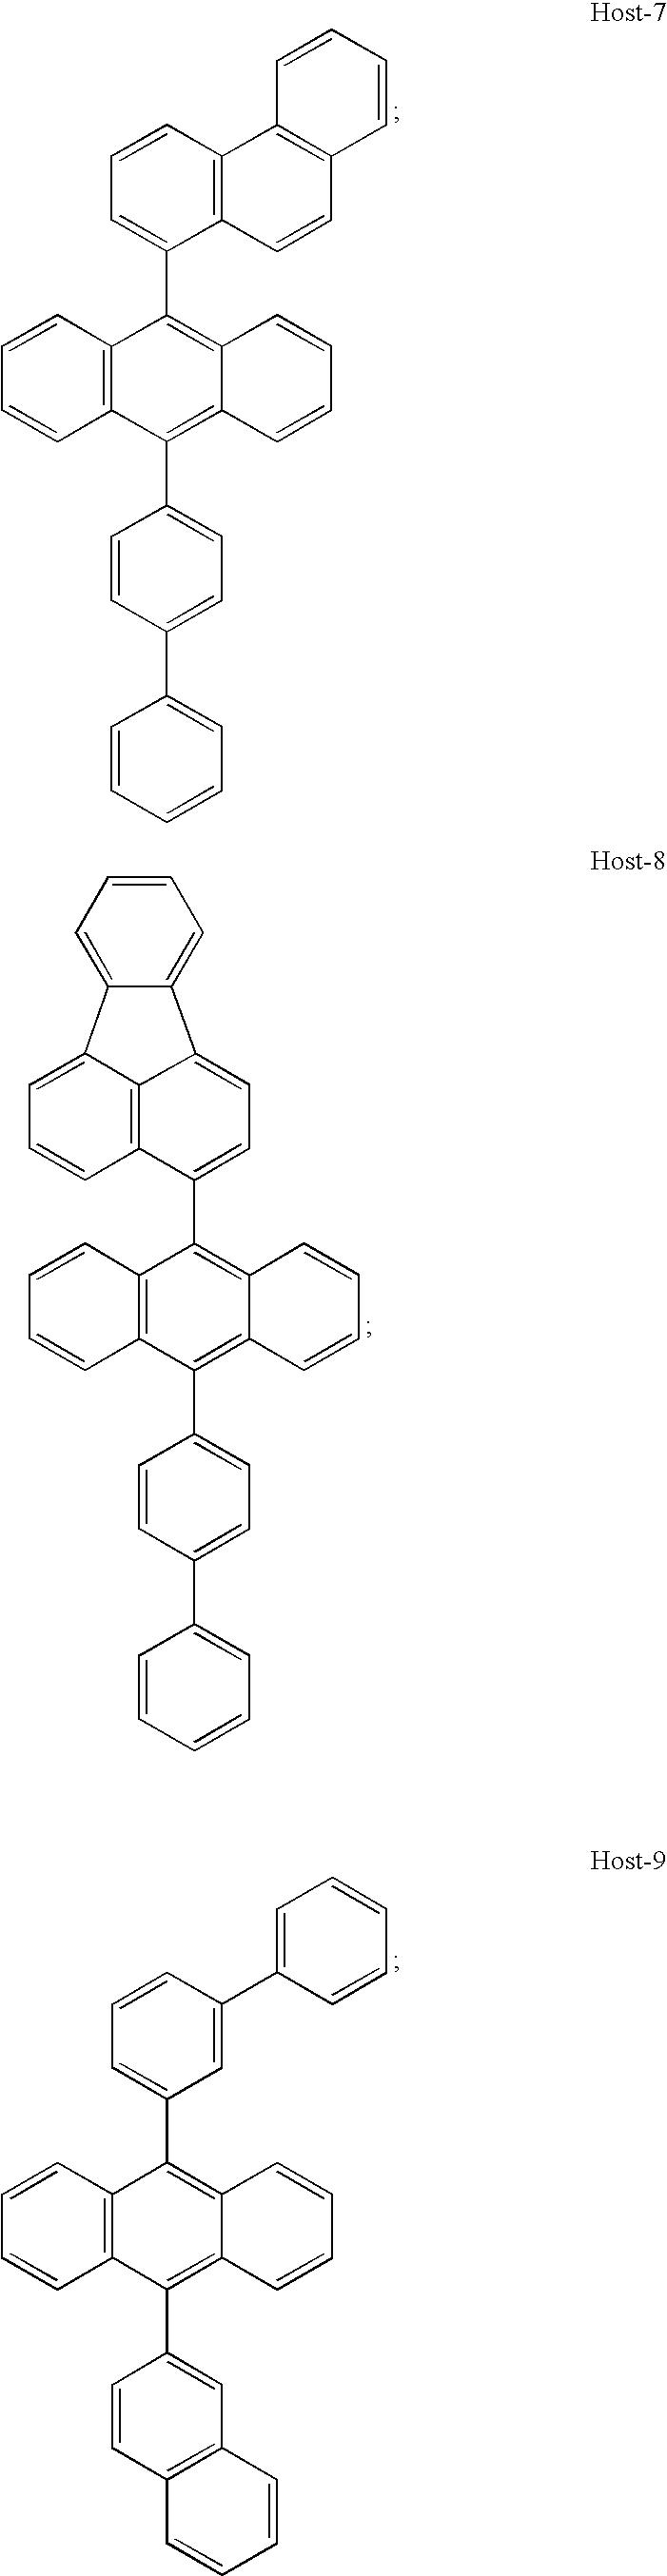 Figure US07602119-20091013-C00016